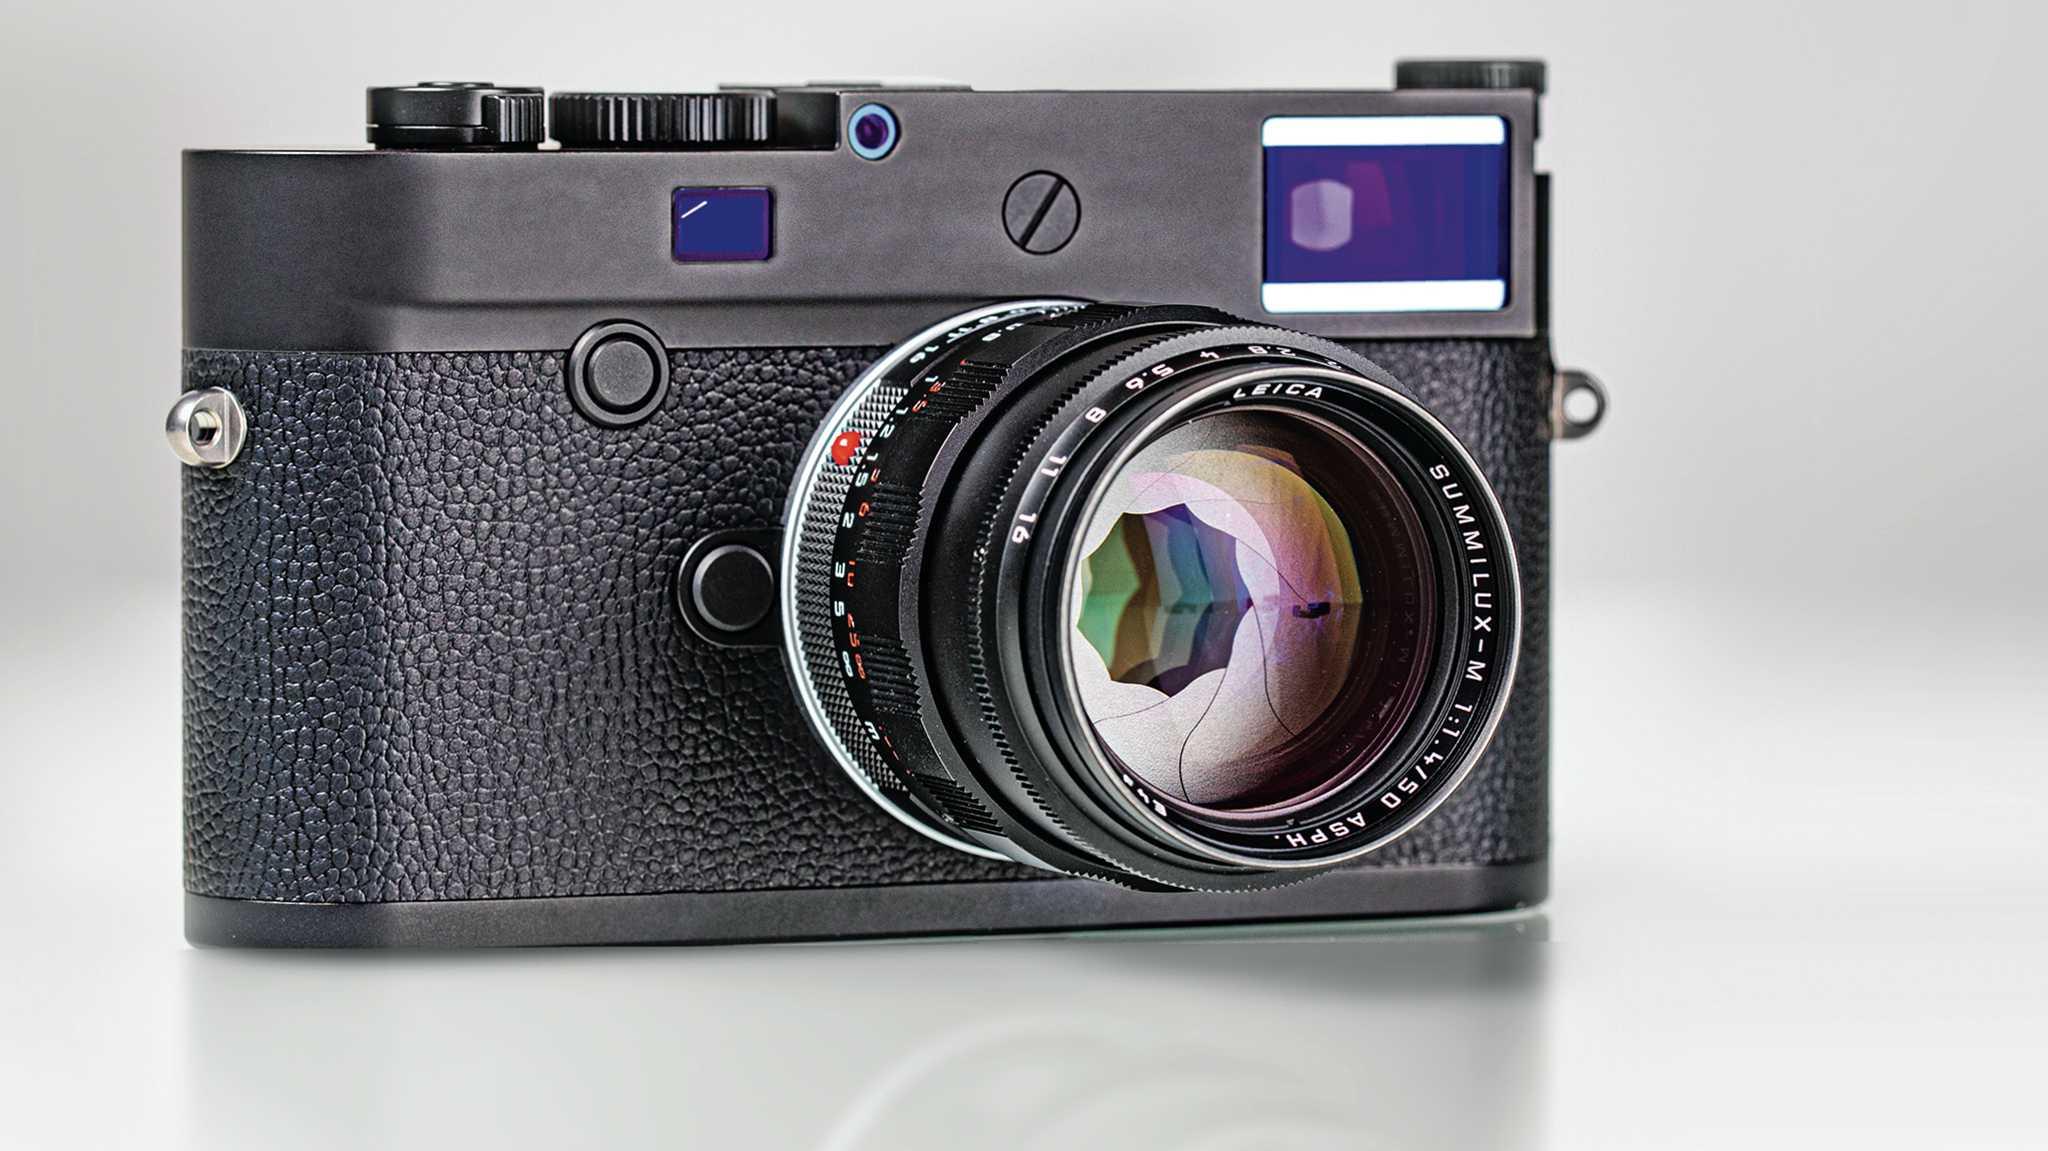 Leica M10 Monochrom im Test: Digitale Messsucherkamera für Schwarzweiß-Aufnahmen